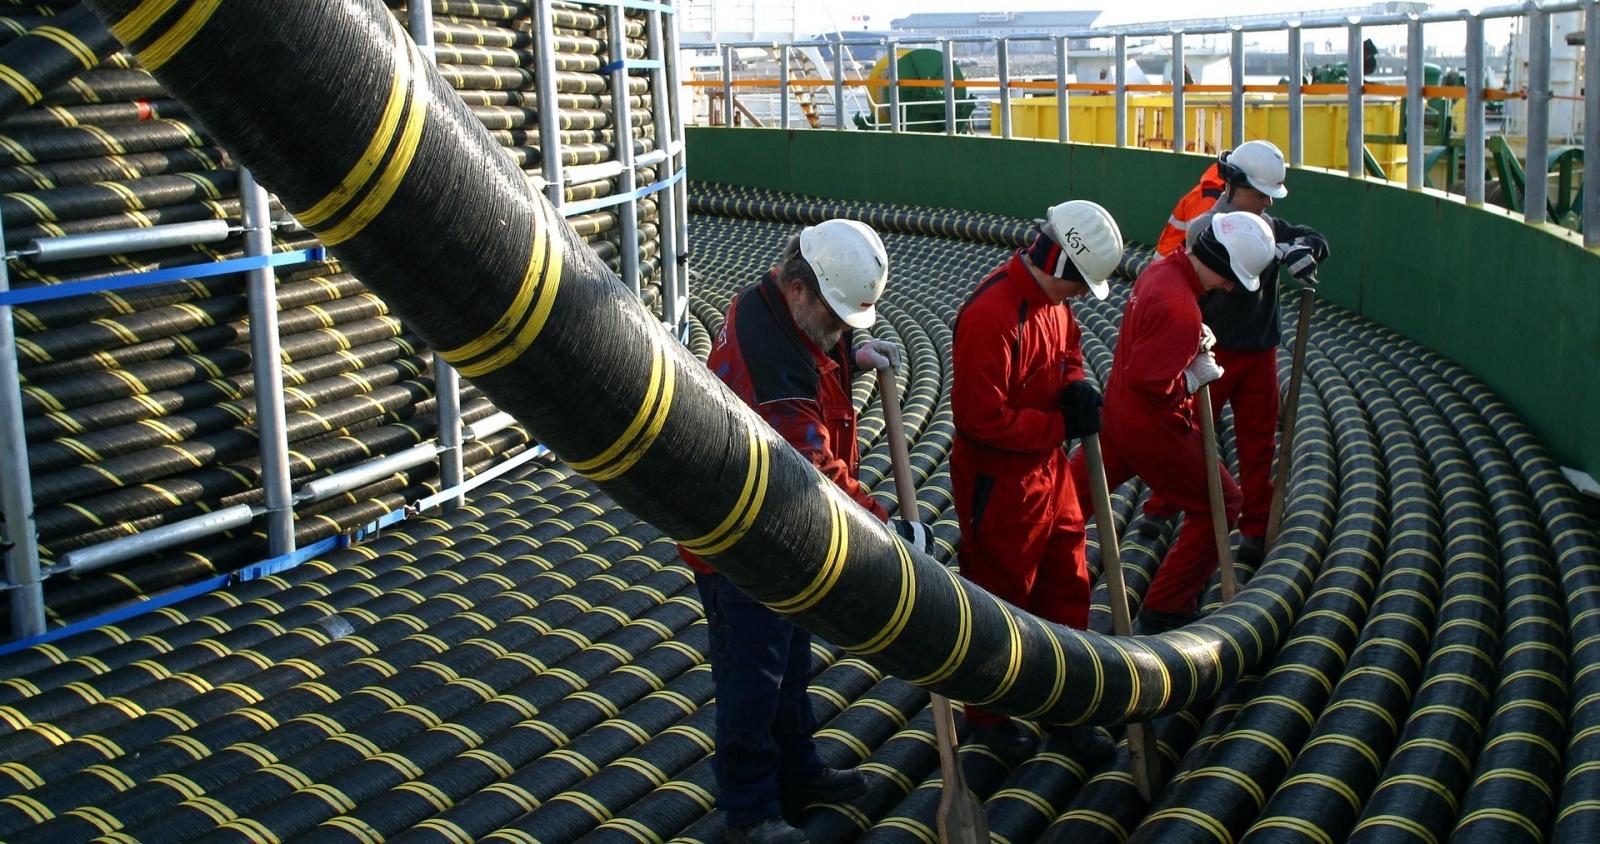 Вести со дна: IT-гиганты начали активно строить собственные подводные магистральные сети - 1